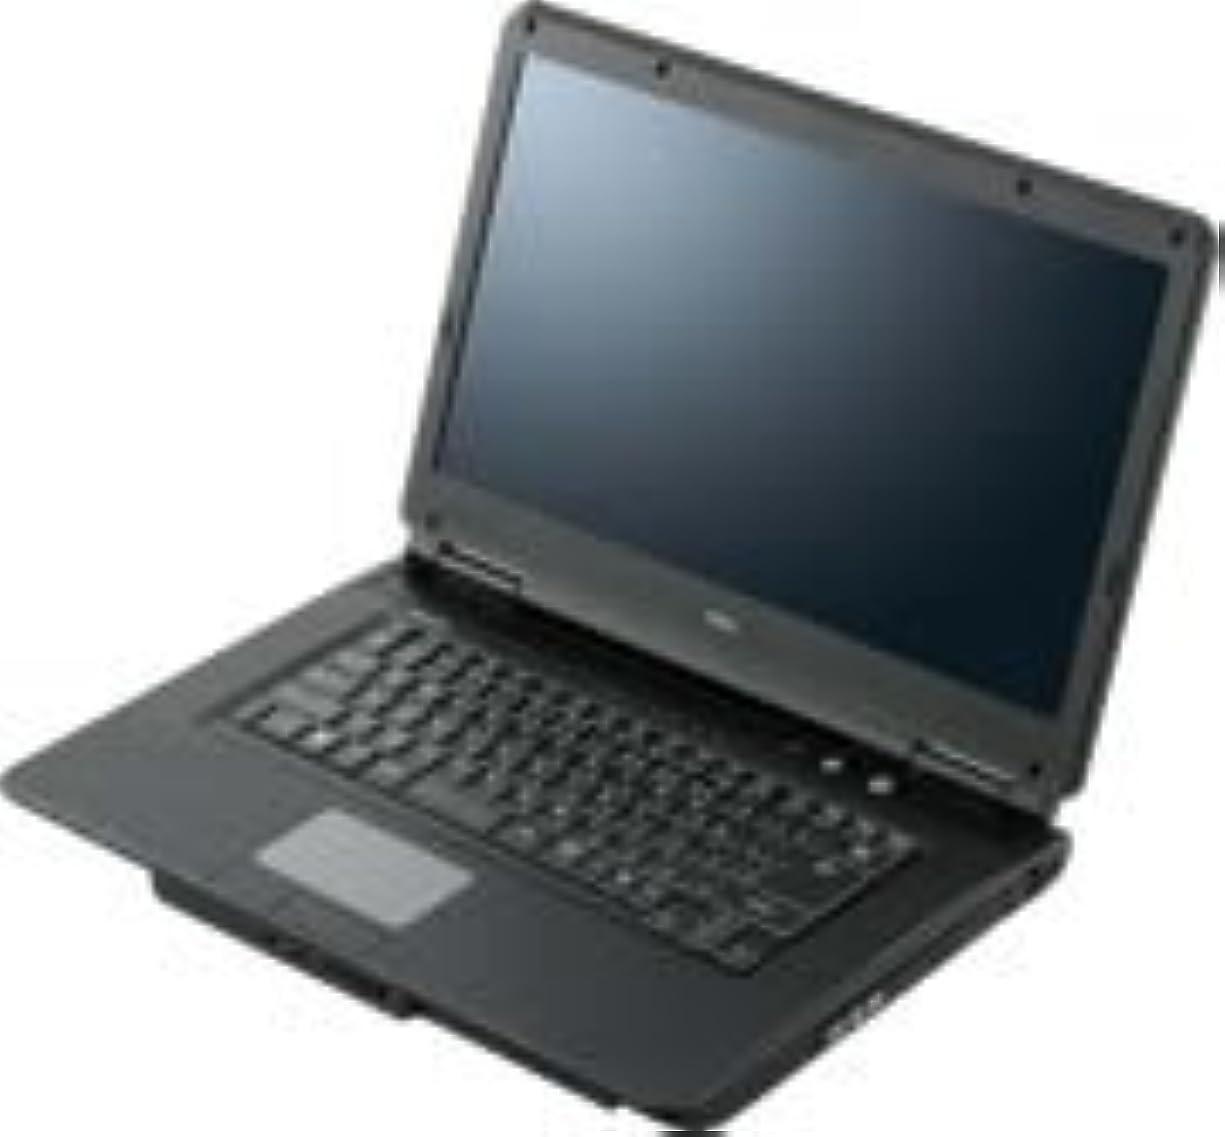 会員希少性悔い改め【中古】 NEC VersaPro タイプVX VK25T/X-E PC-VK25TXZNE / Core i5 3210M(2.5GHz) / HDD:250GB / 15.6インチ / ブラック